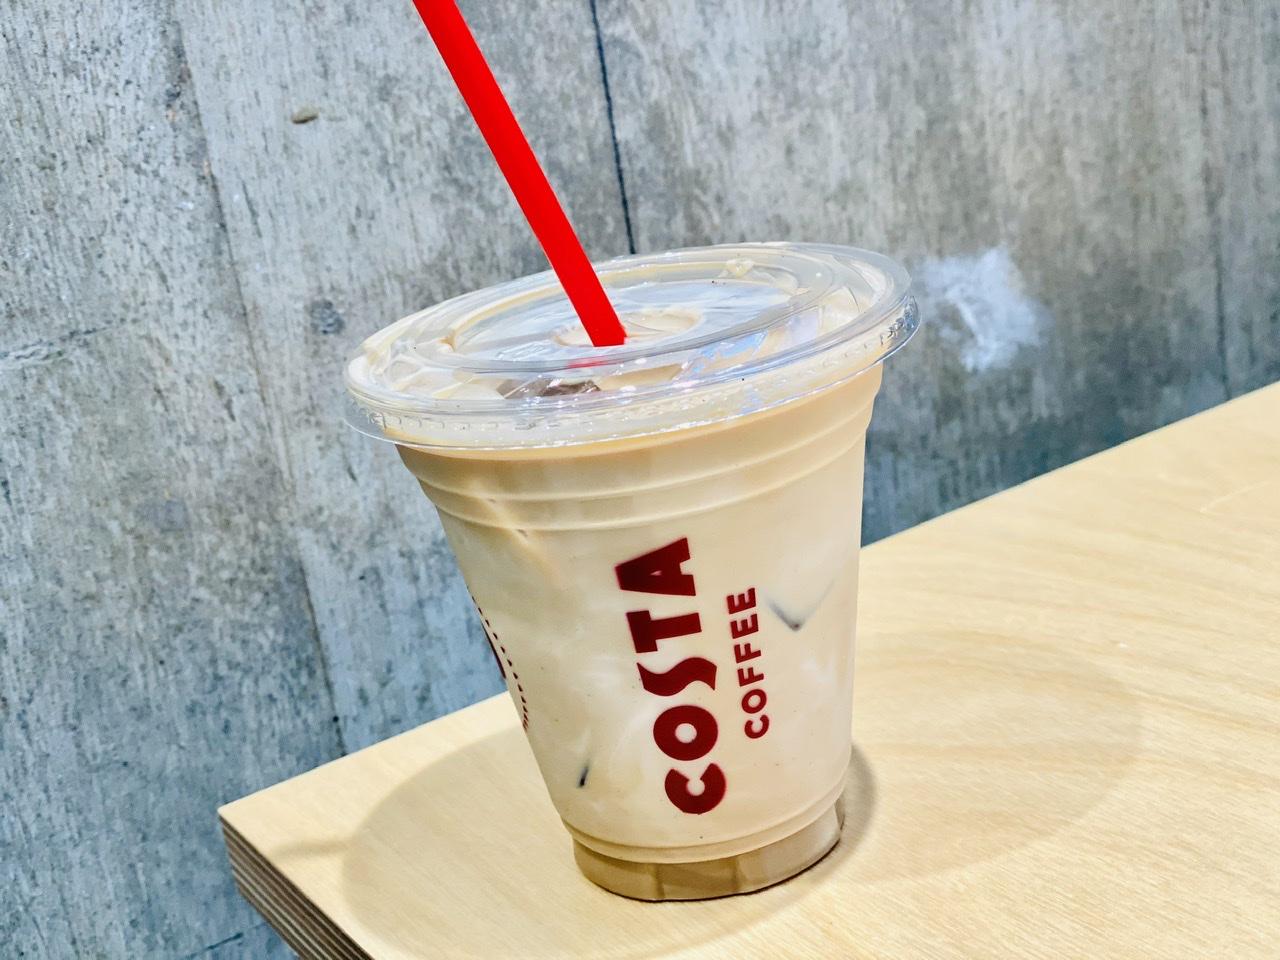 【銀座カフェ】日本初上陸!ロンドン発《コスタコーヒー》が期間限定でオープン♡_3